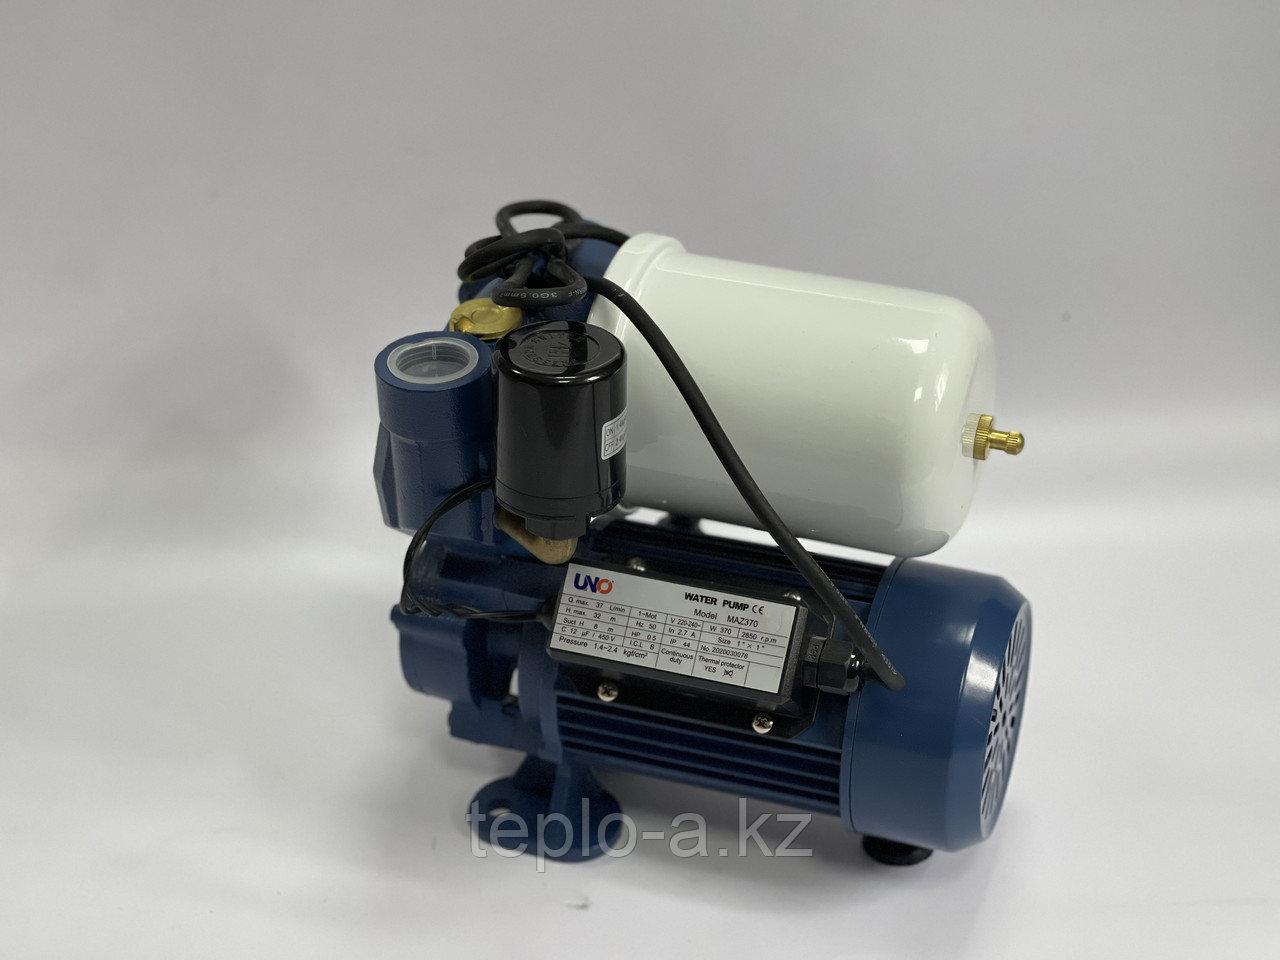 Автоматическая станция водоснабжения UNO MAZ 570